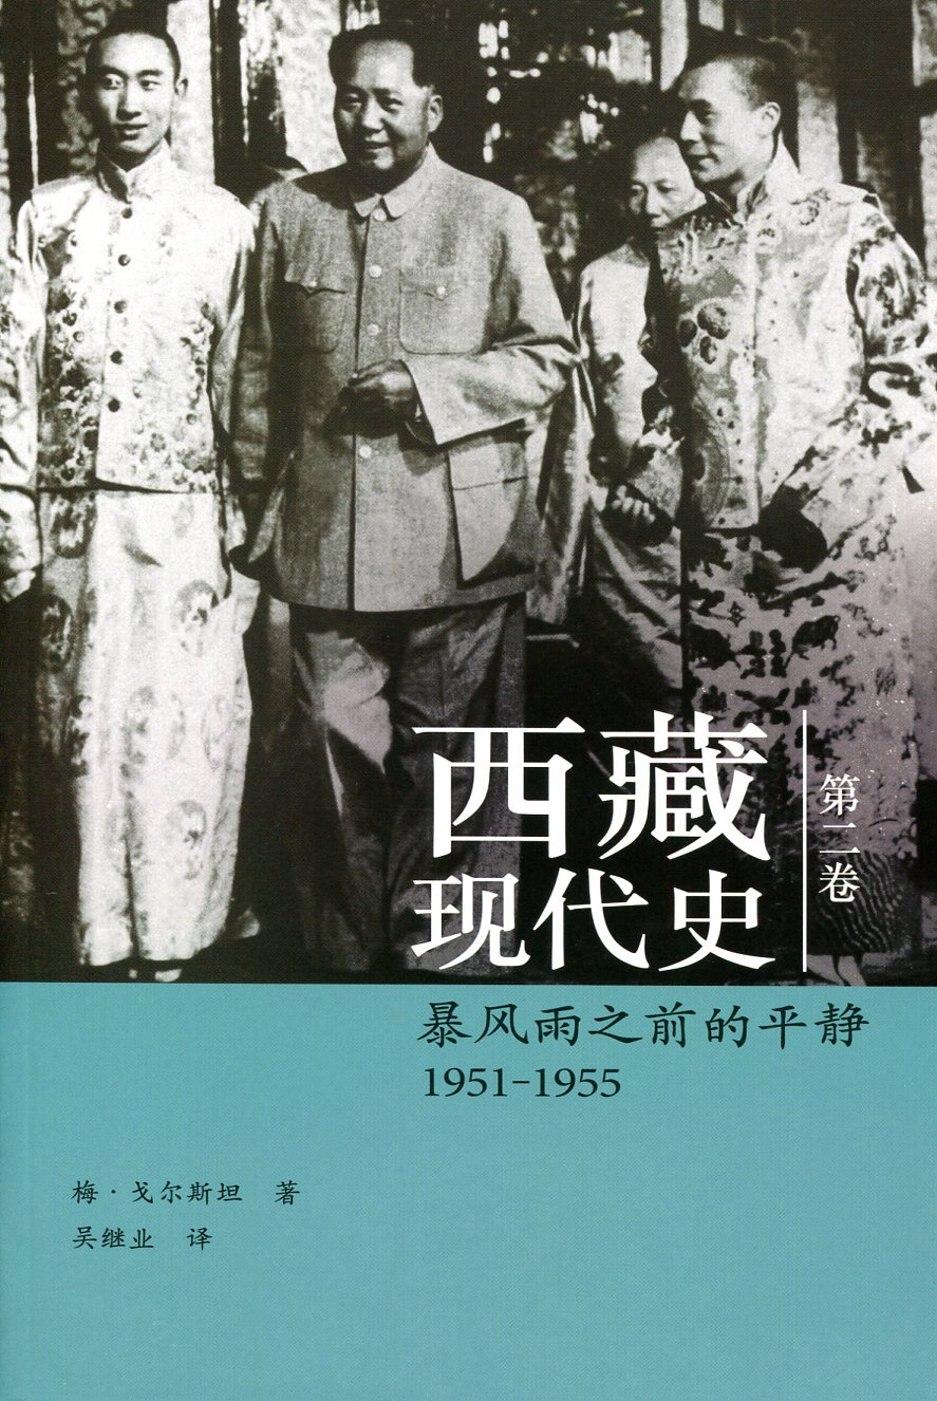 西藏現代史(第二卷):暴風雨之前的平靜 1951-1955(簡體書)